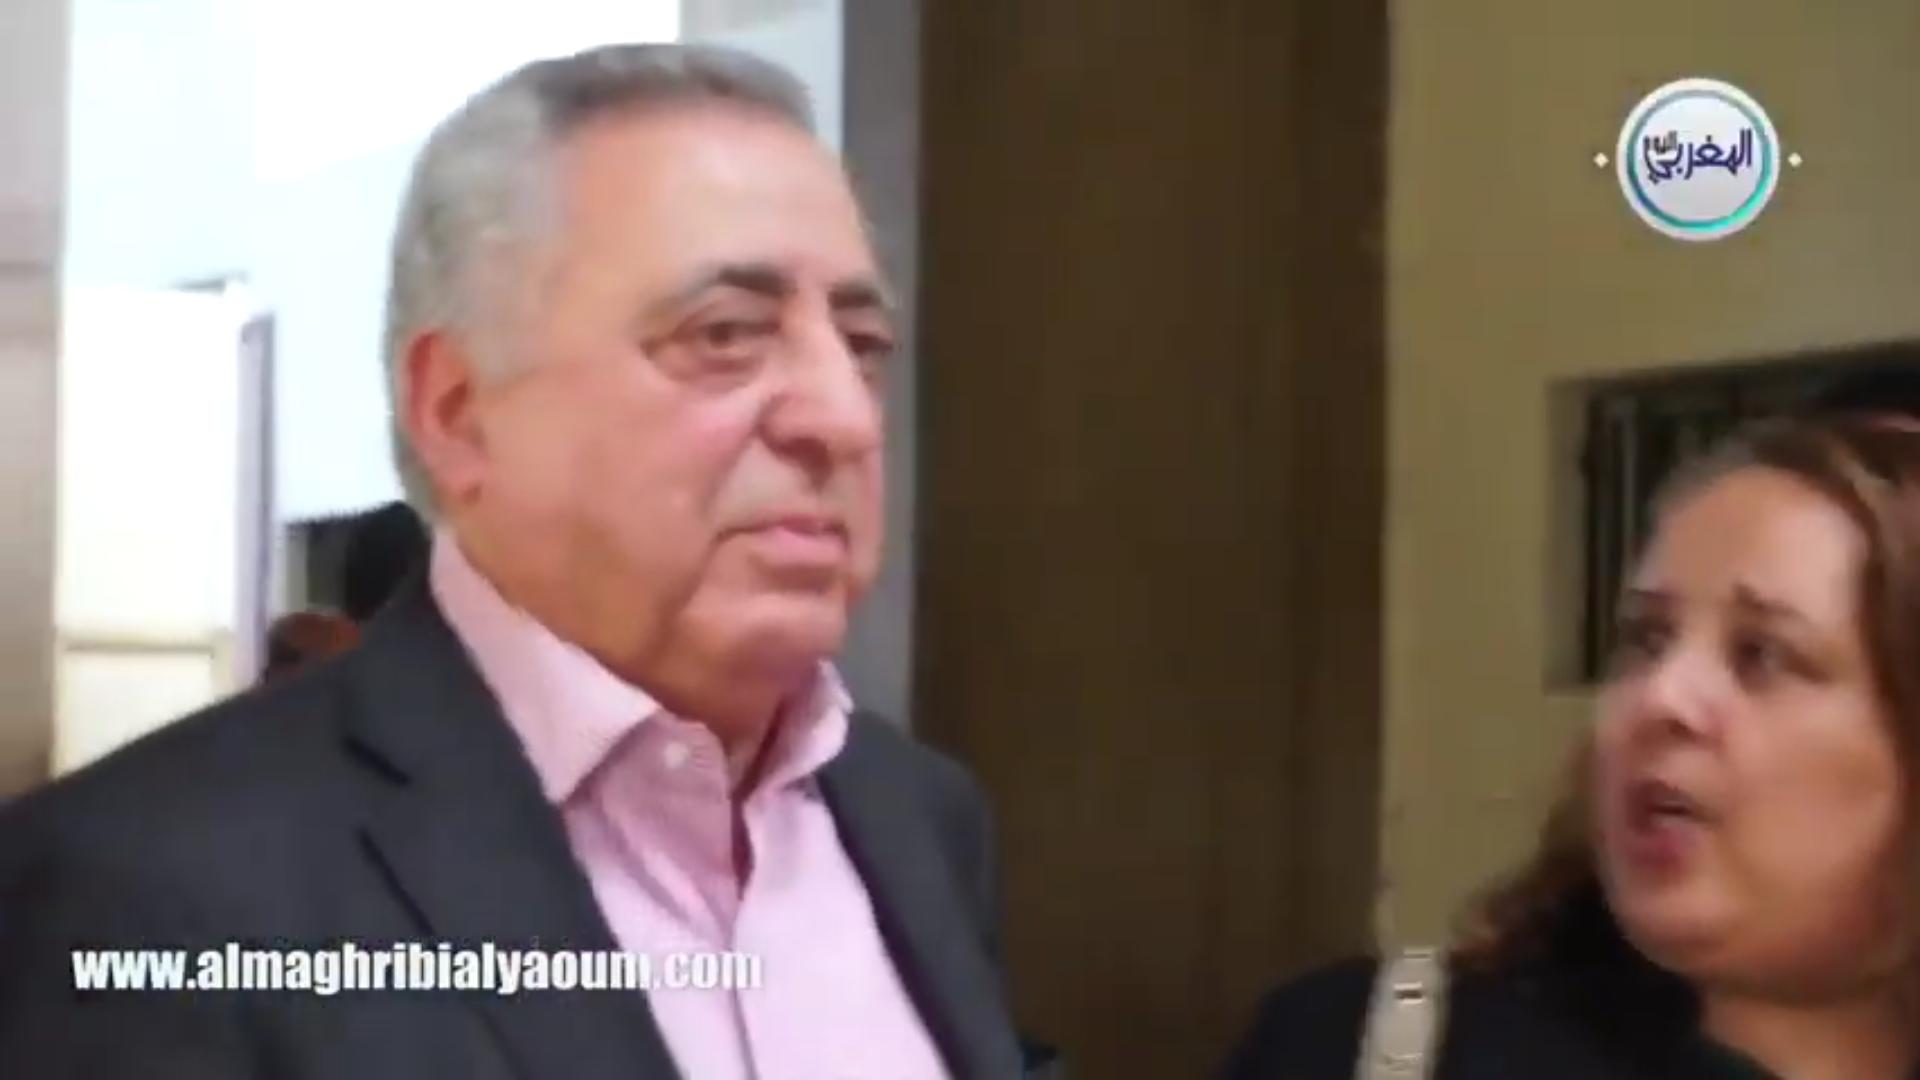 بالفيديو… المحامي زيان يقتحم المحكمة خلال جلسة توفيق بوعشرين وهذا ما قاله عن إيقافه